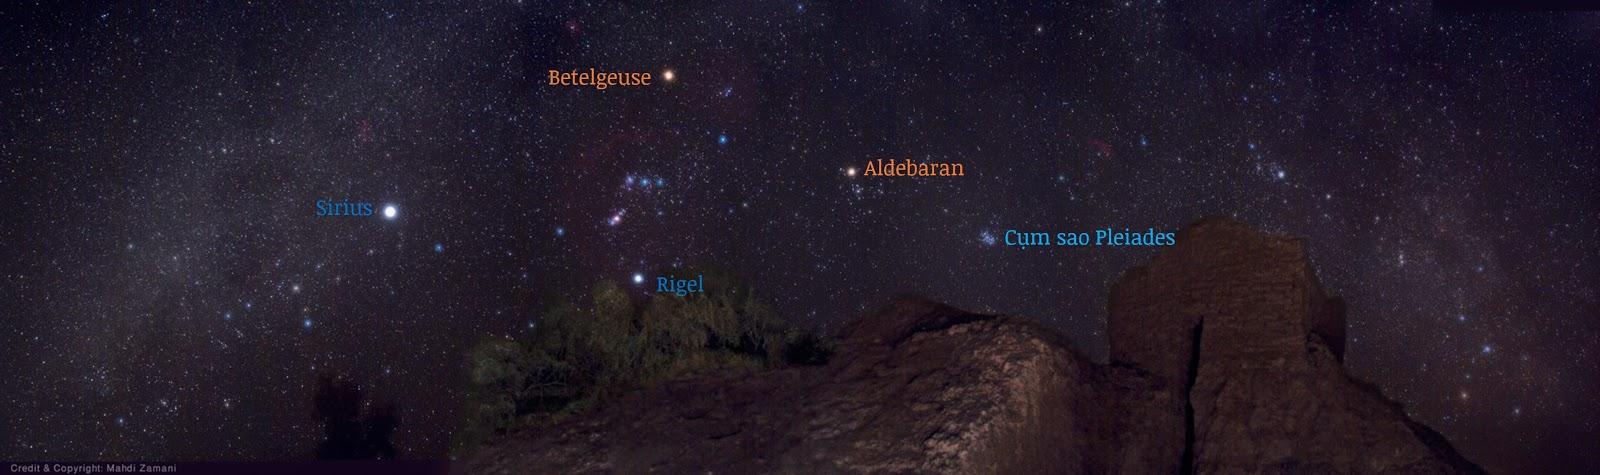 Panorama những chòm sao mùa đông vào tháng 12/2009 ở Ba Tư (Y Lãng). Tác giả : Mahdi Zamani.